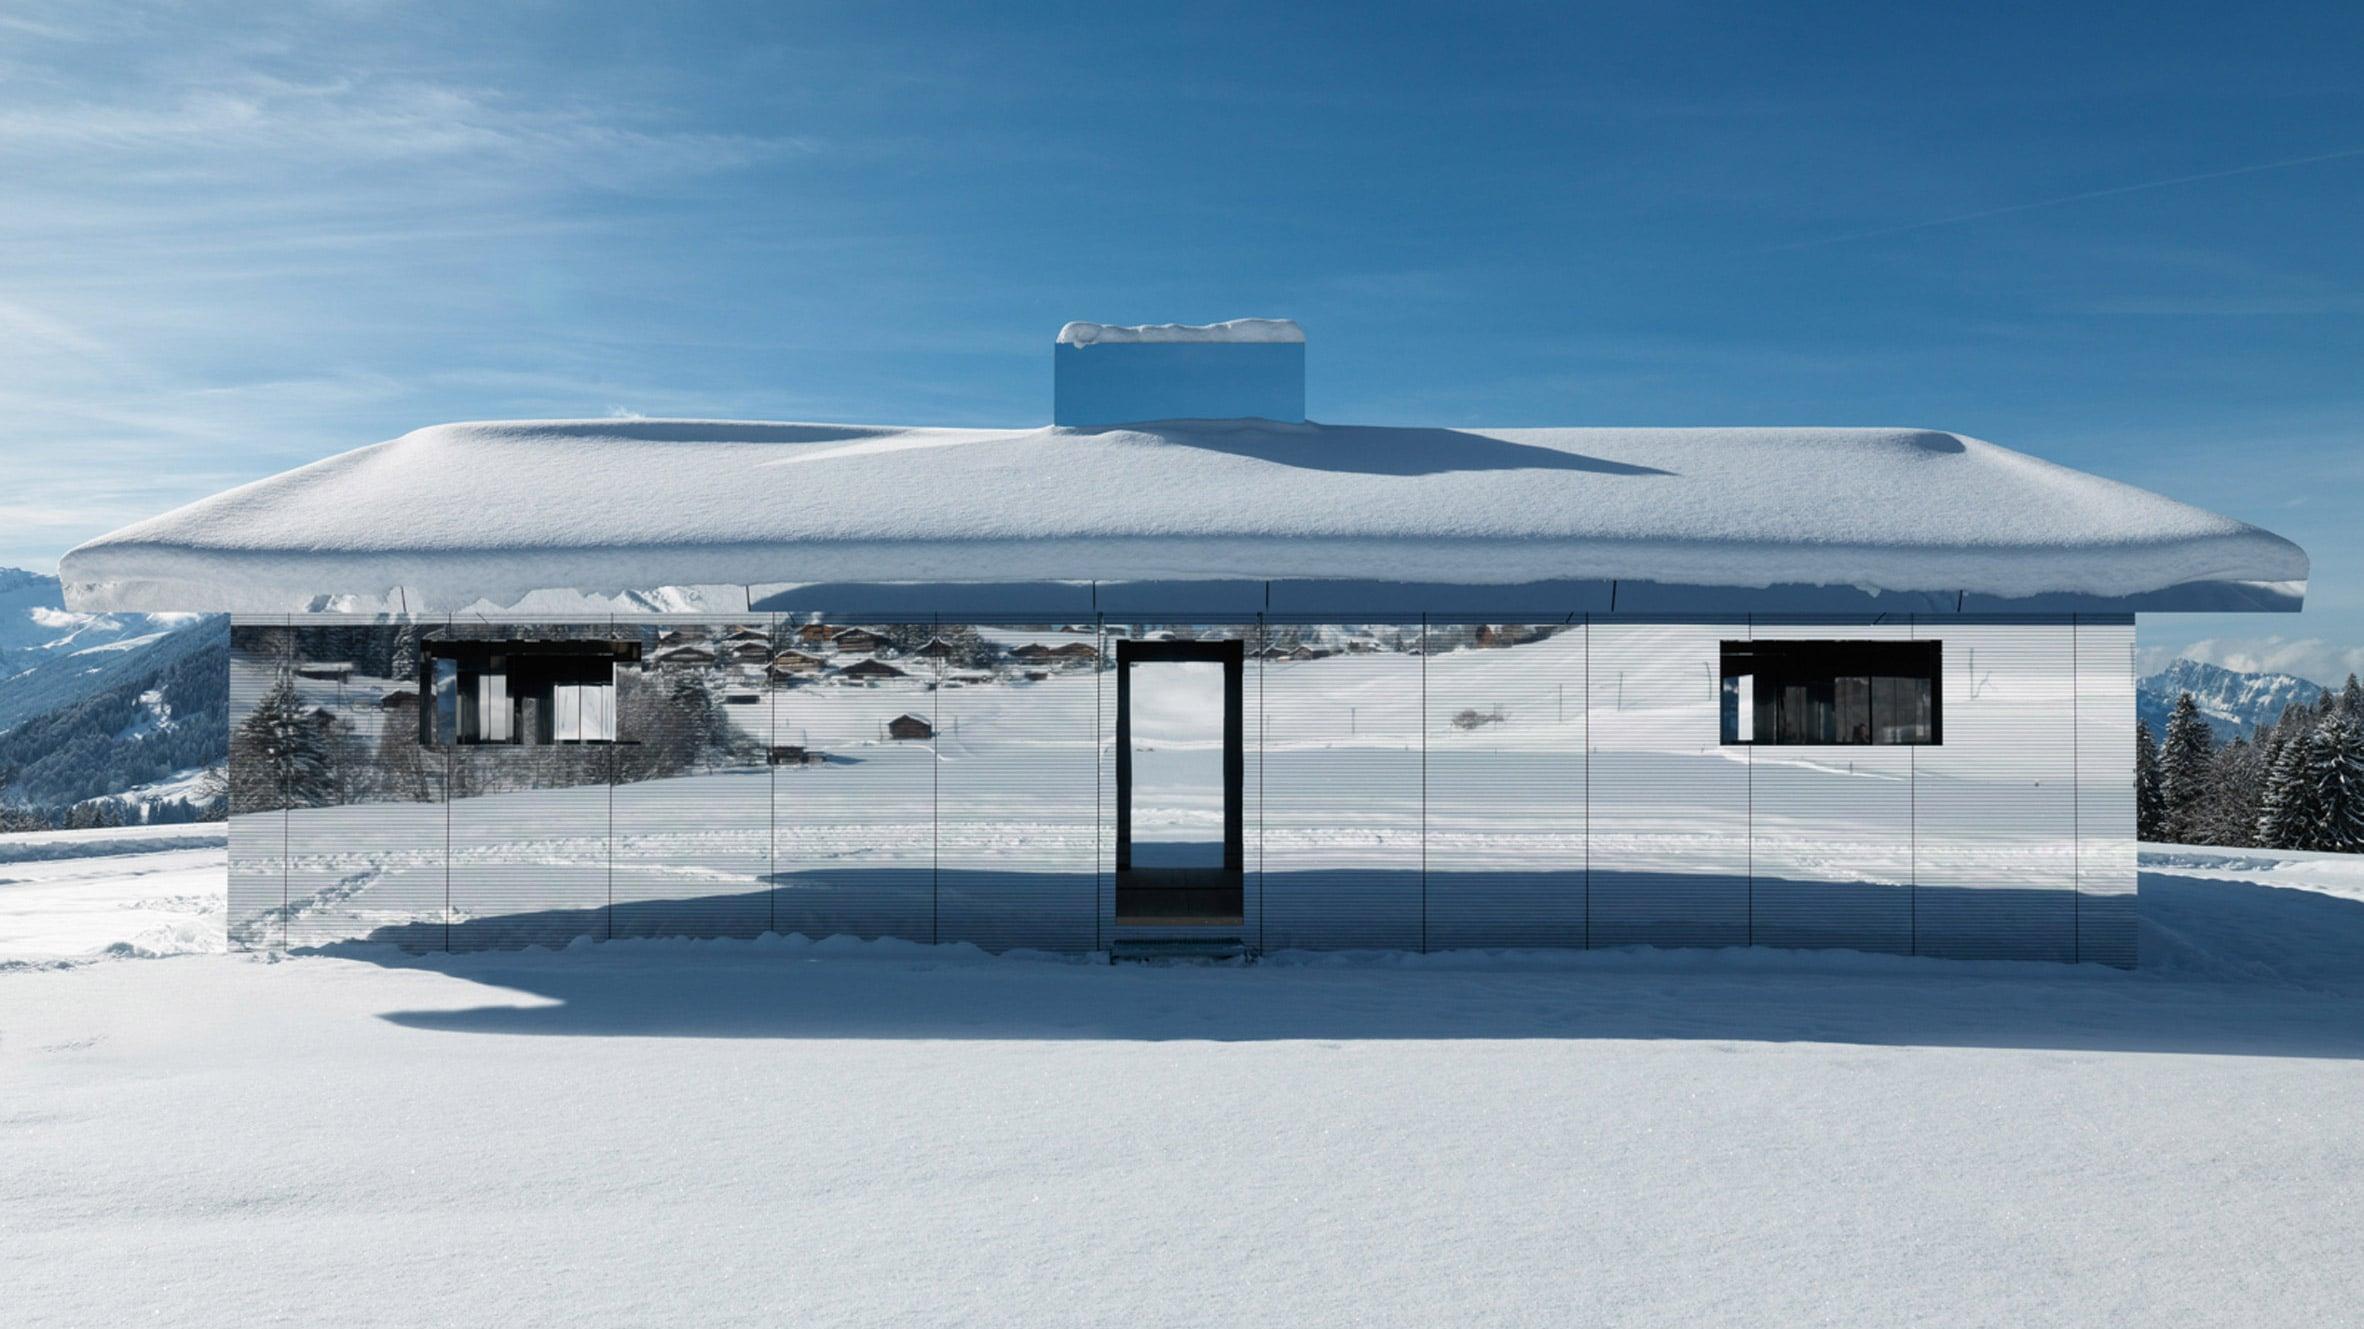 Mirage, il padiglione a specchi che si mimetizza con le Alpi. Ph. dezeen.com